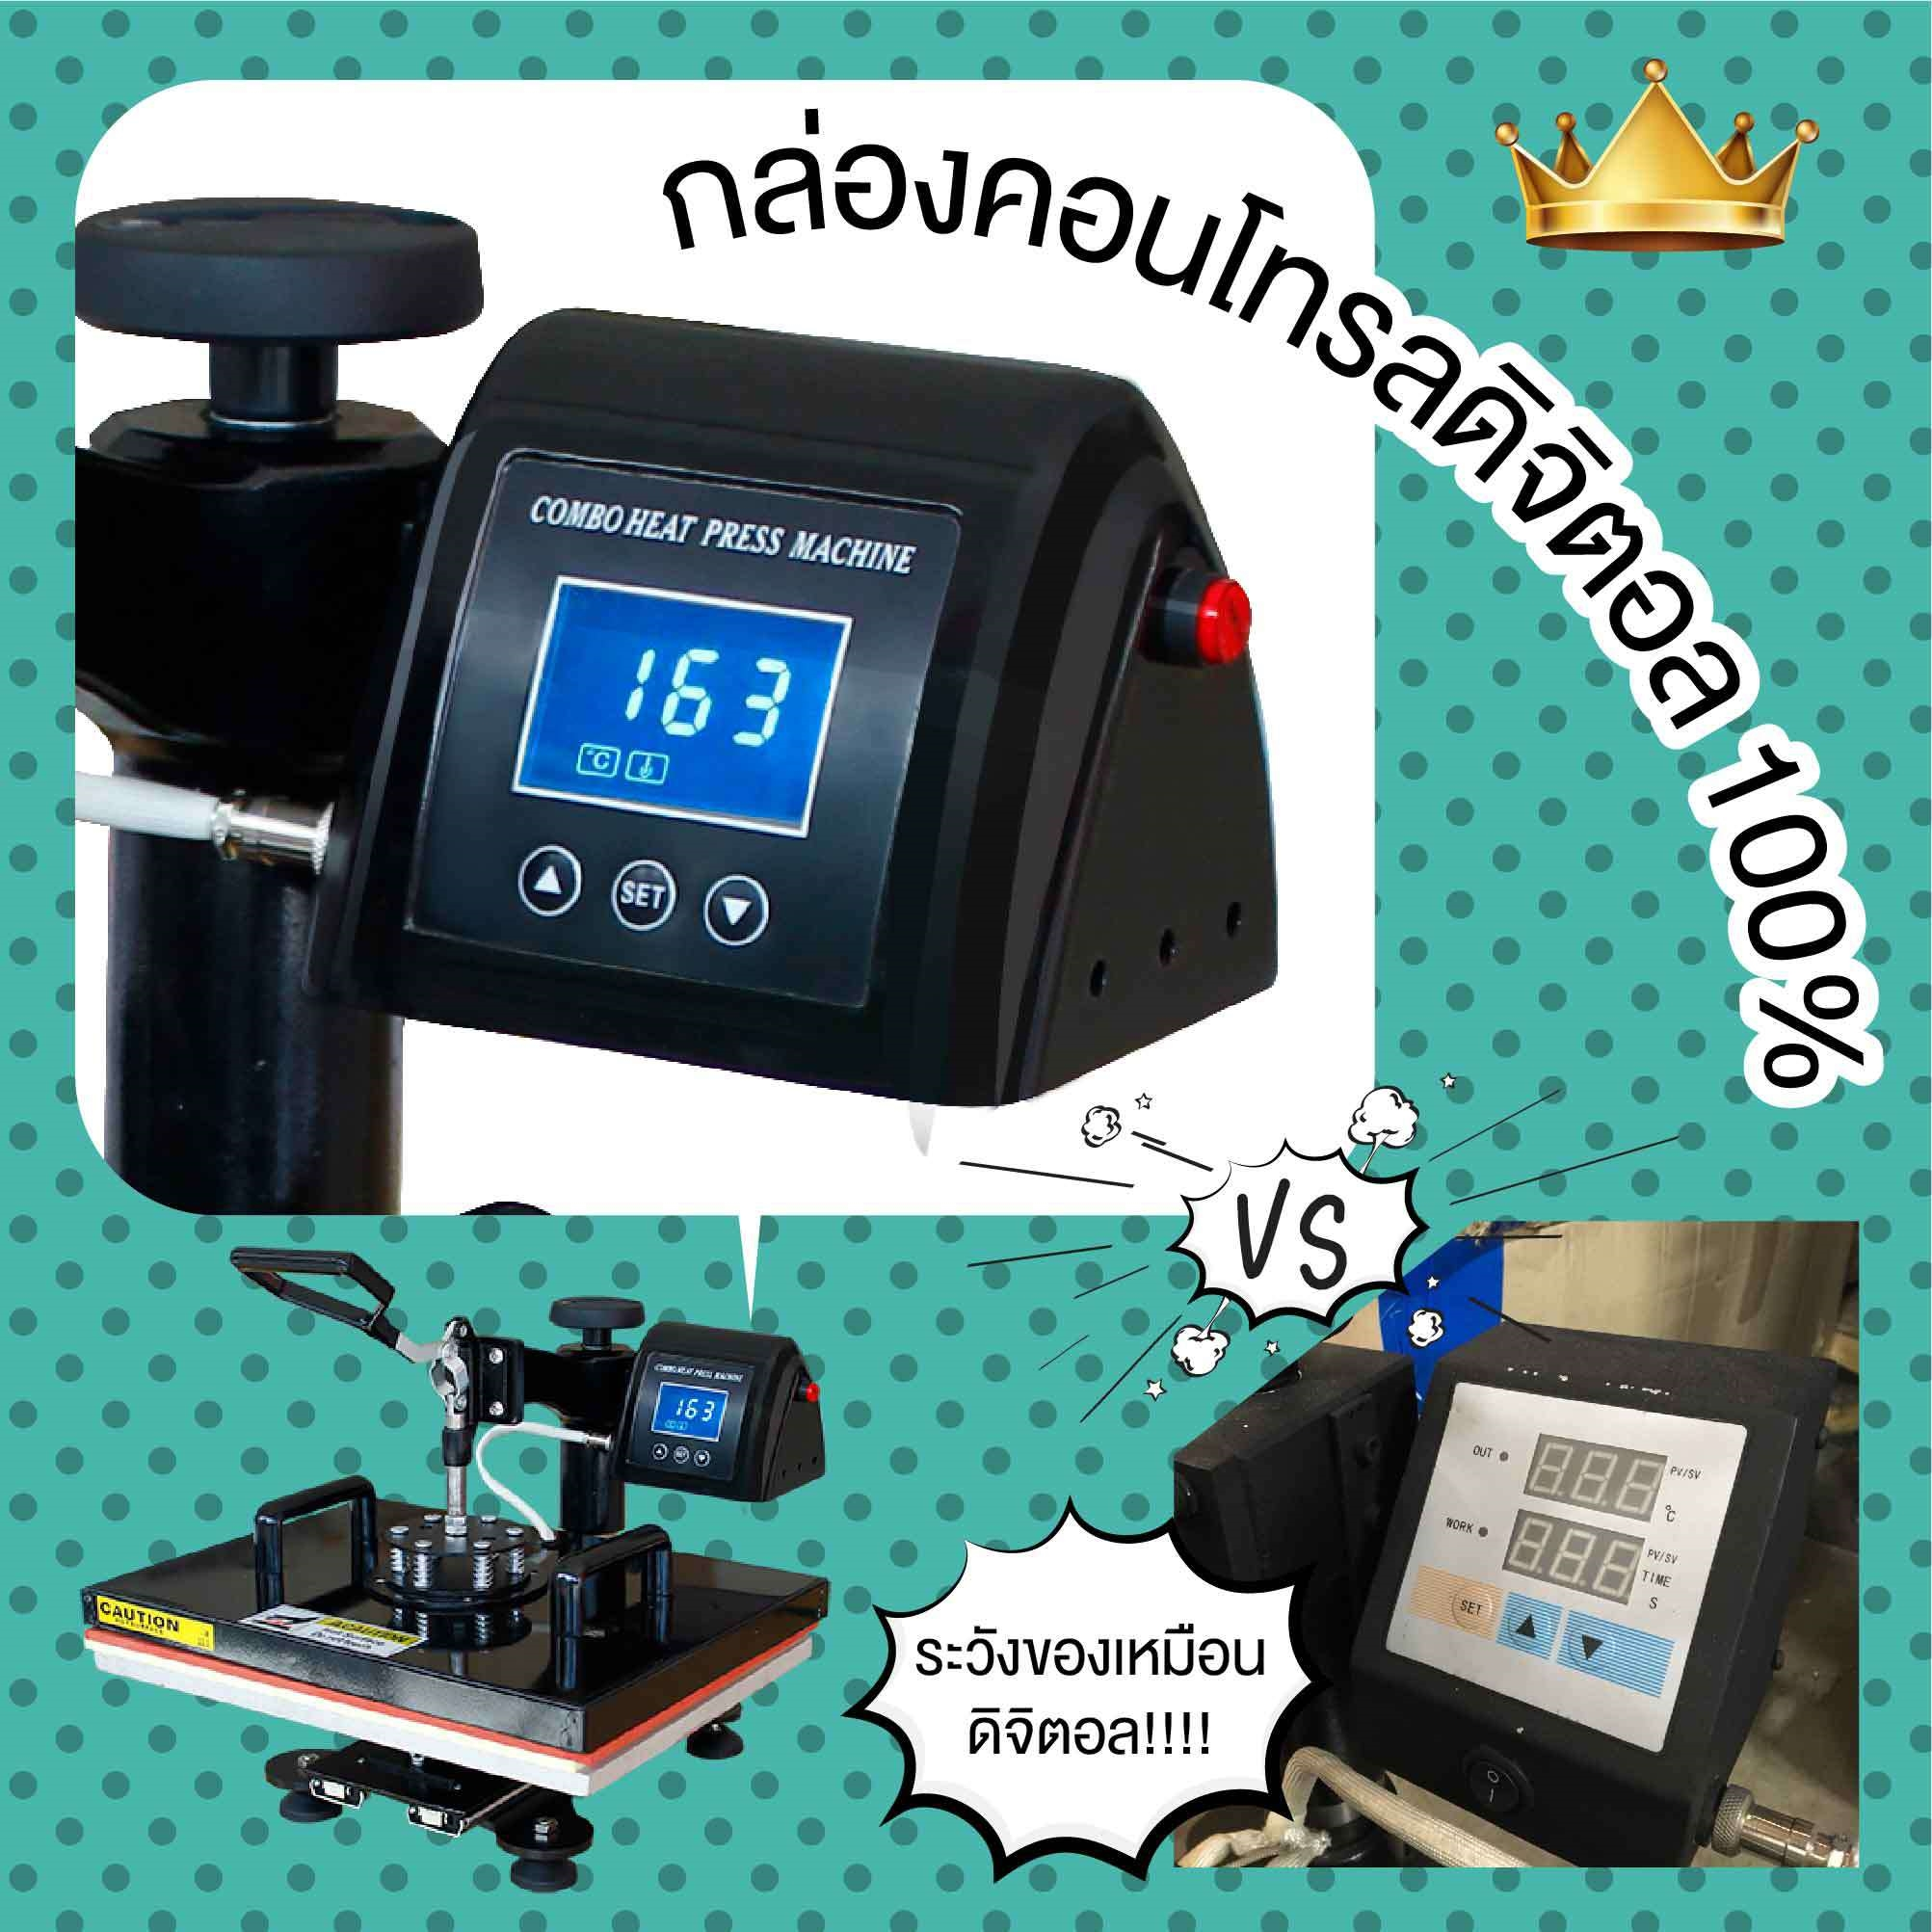 เครื่องรีด เครื่องสกรีน Heat traanfer เครื่องสกรีนรีดร้อน Heat Press เครื่องสกรีน a3 เครื่องพิมพ์เสื้อ เครื่องสกรีนเสื้อ epson l1300 epson l1800 epson l805 Heat transfer machine